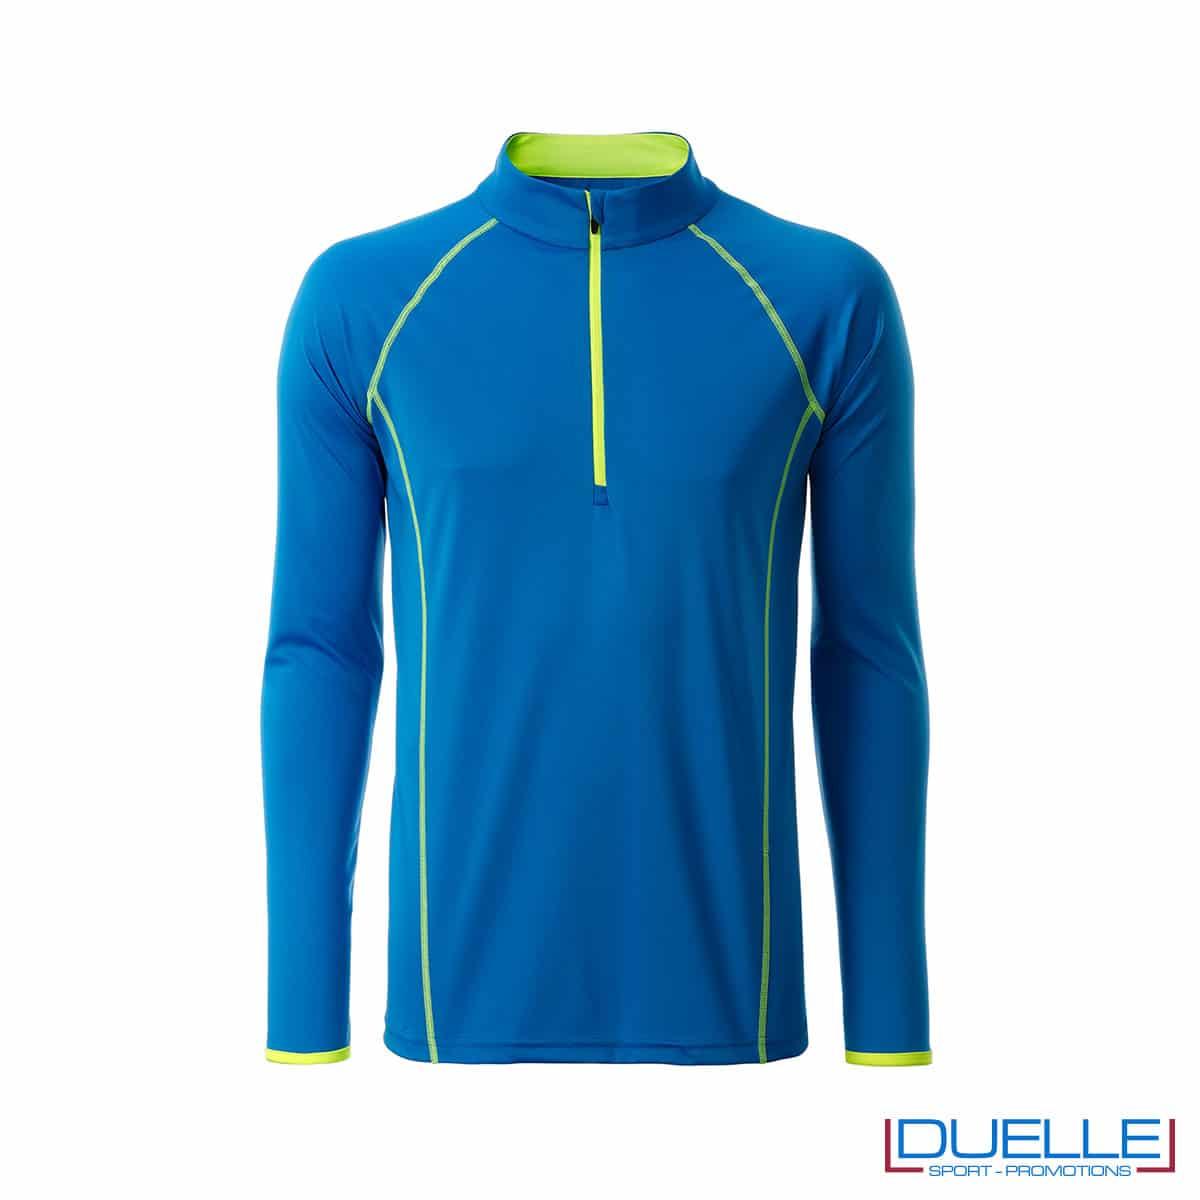 T-shirt manica lunga con zip colore blu personalizzata